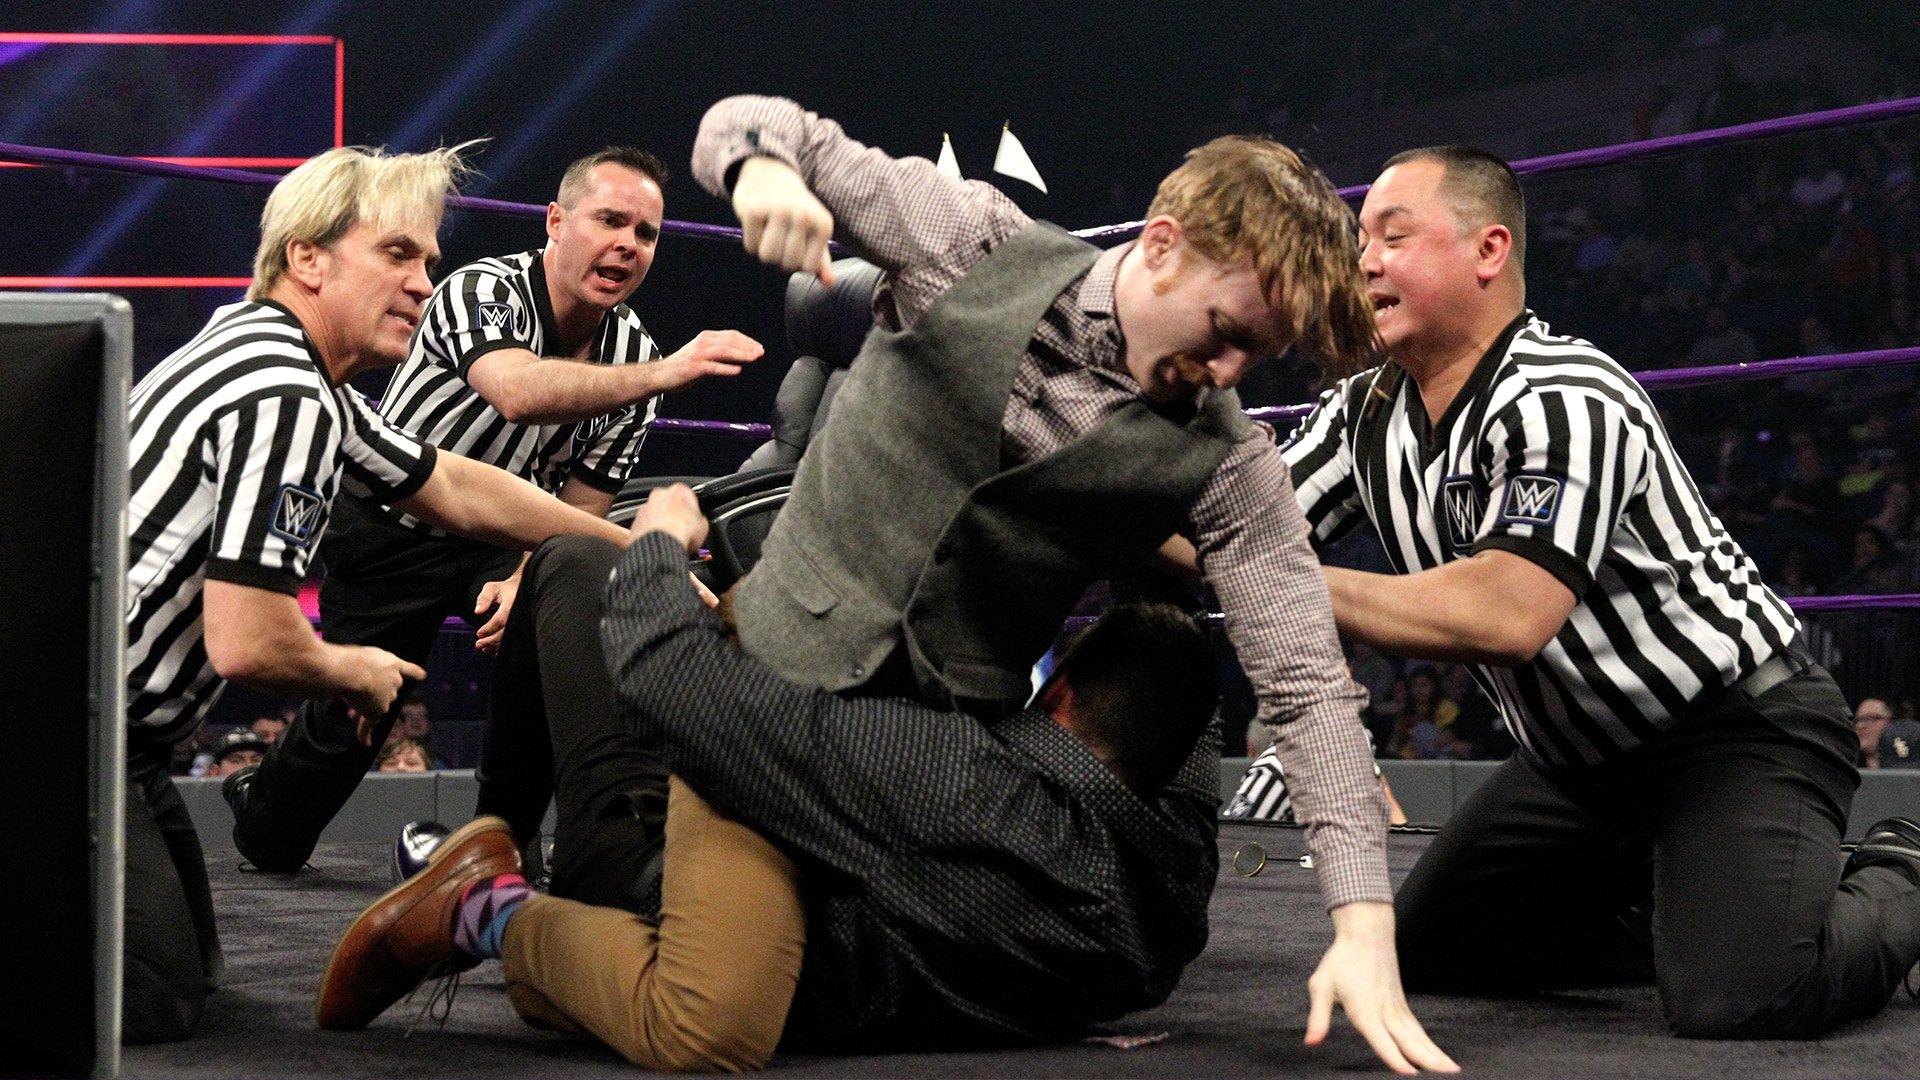 Jack Gallagher et Ariya Daivari en pourparlers pour régler leurs différends: WWE 205 Live, 10 jan. 2017